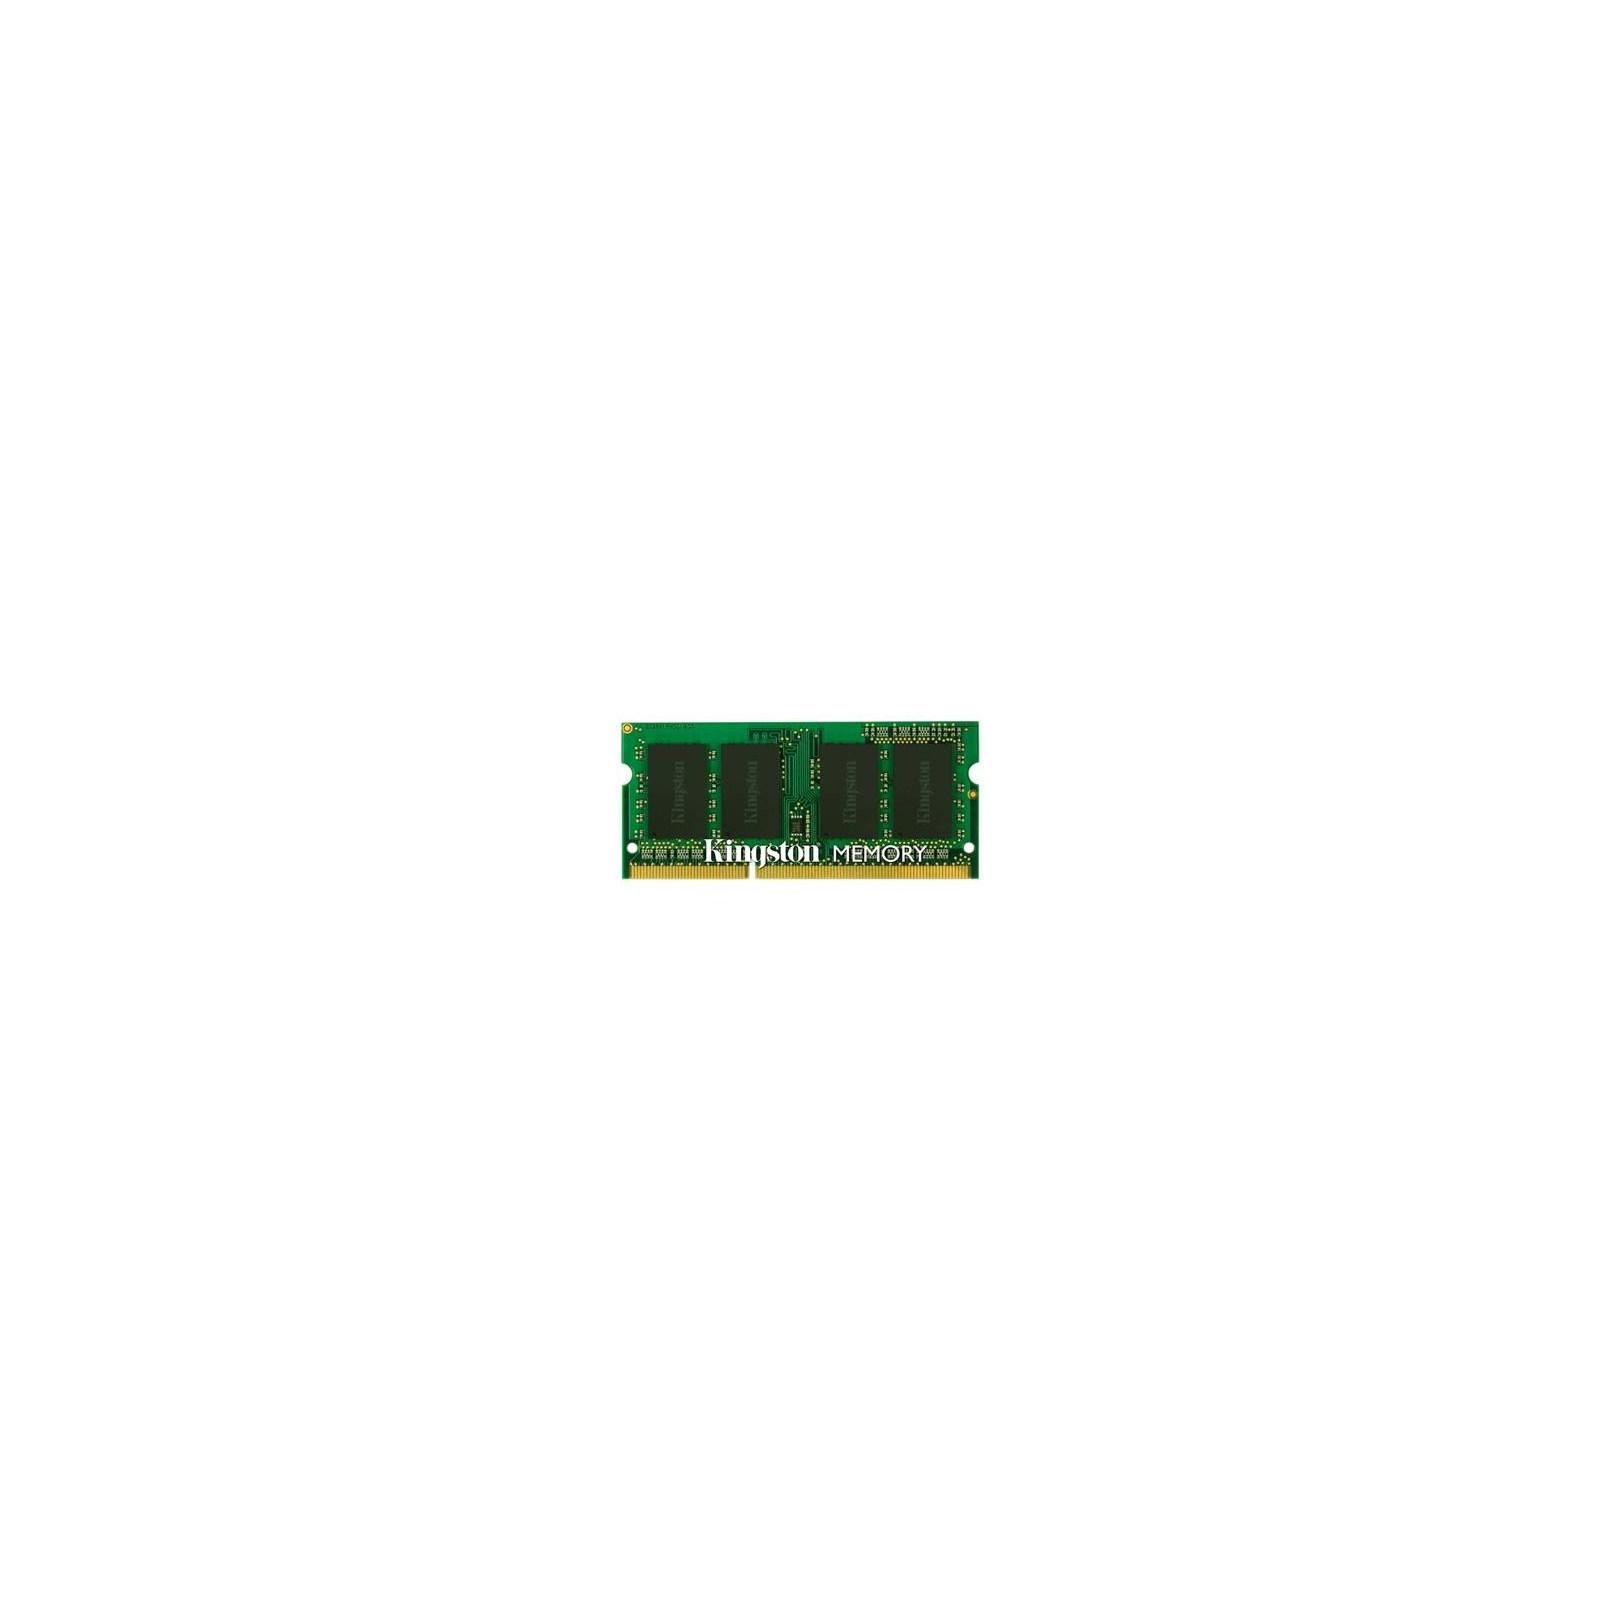 Модуль памяти для ноутбука SoDIMM DDR3 4GB 1333 MHz Kingston (KTA-MB1333/4G)